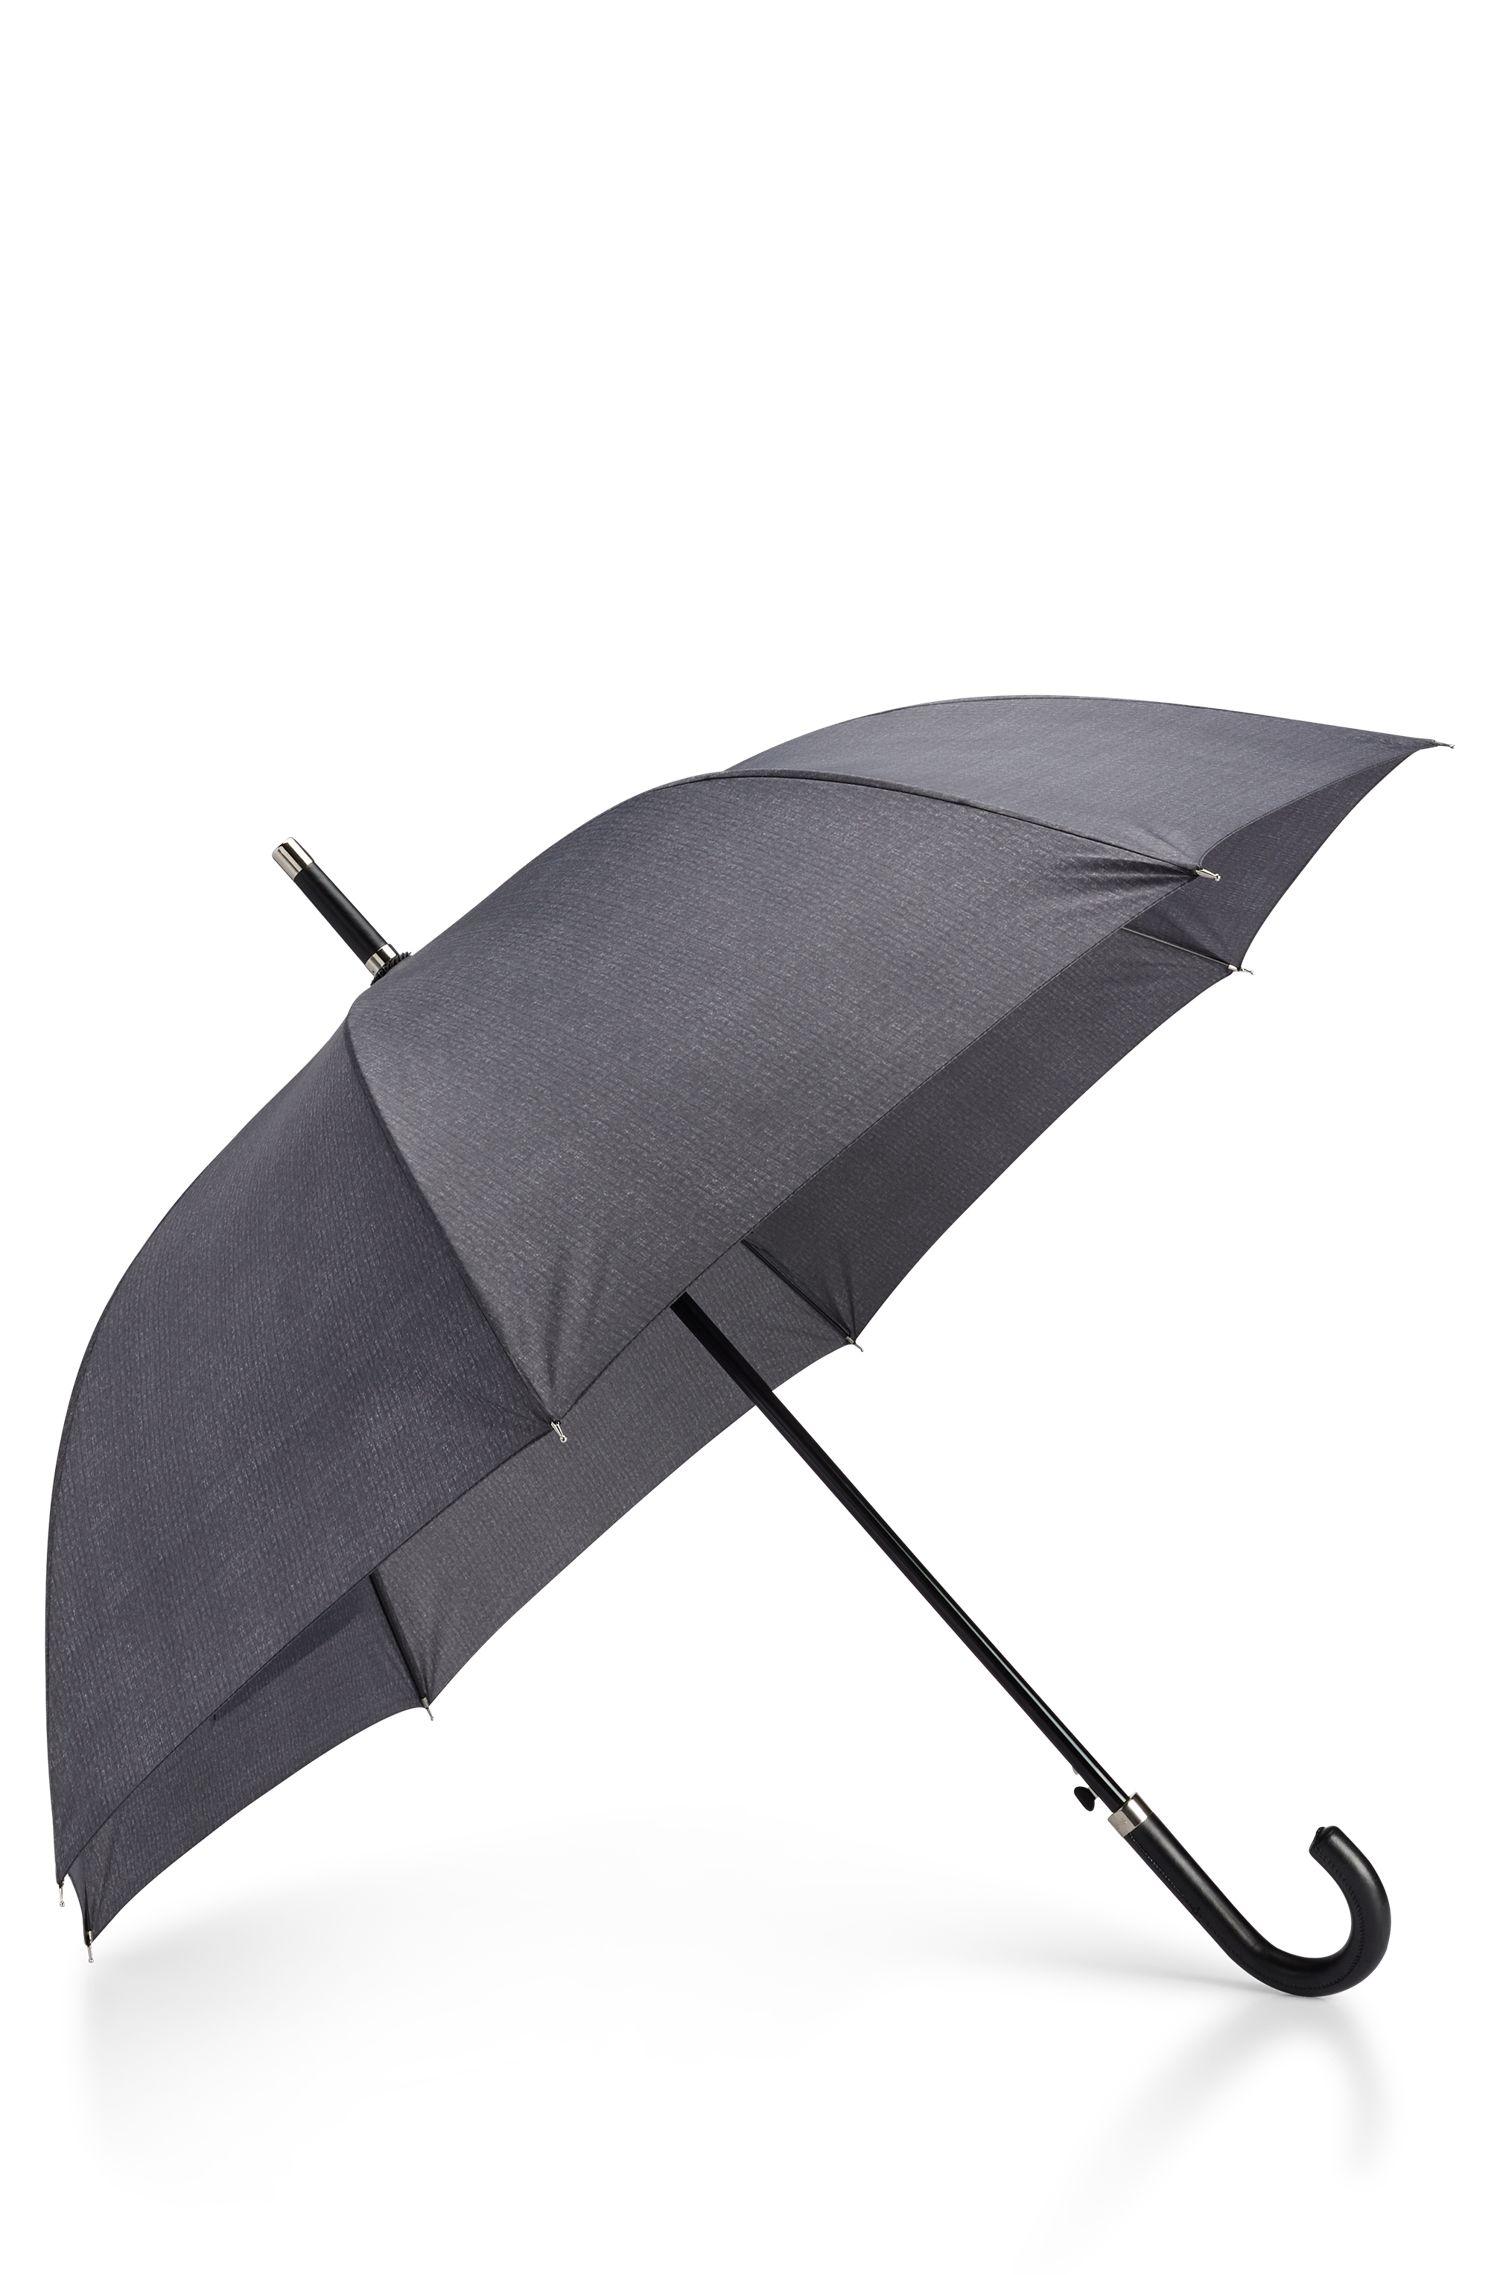 Paraplu met grijs dessin en haakhandvat van imitatieleer